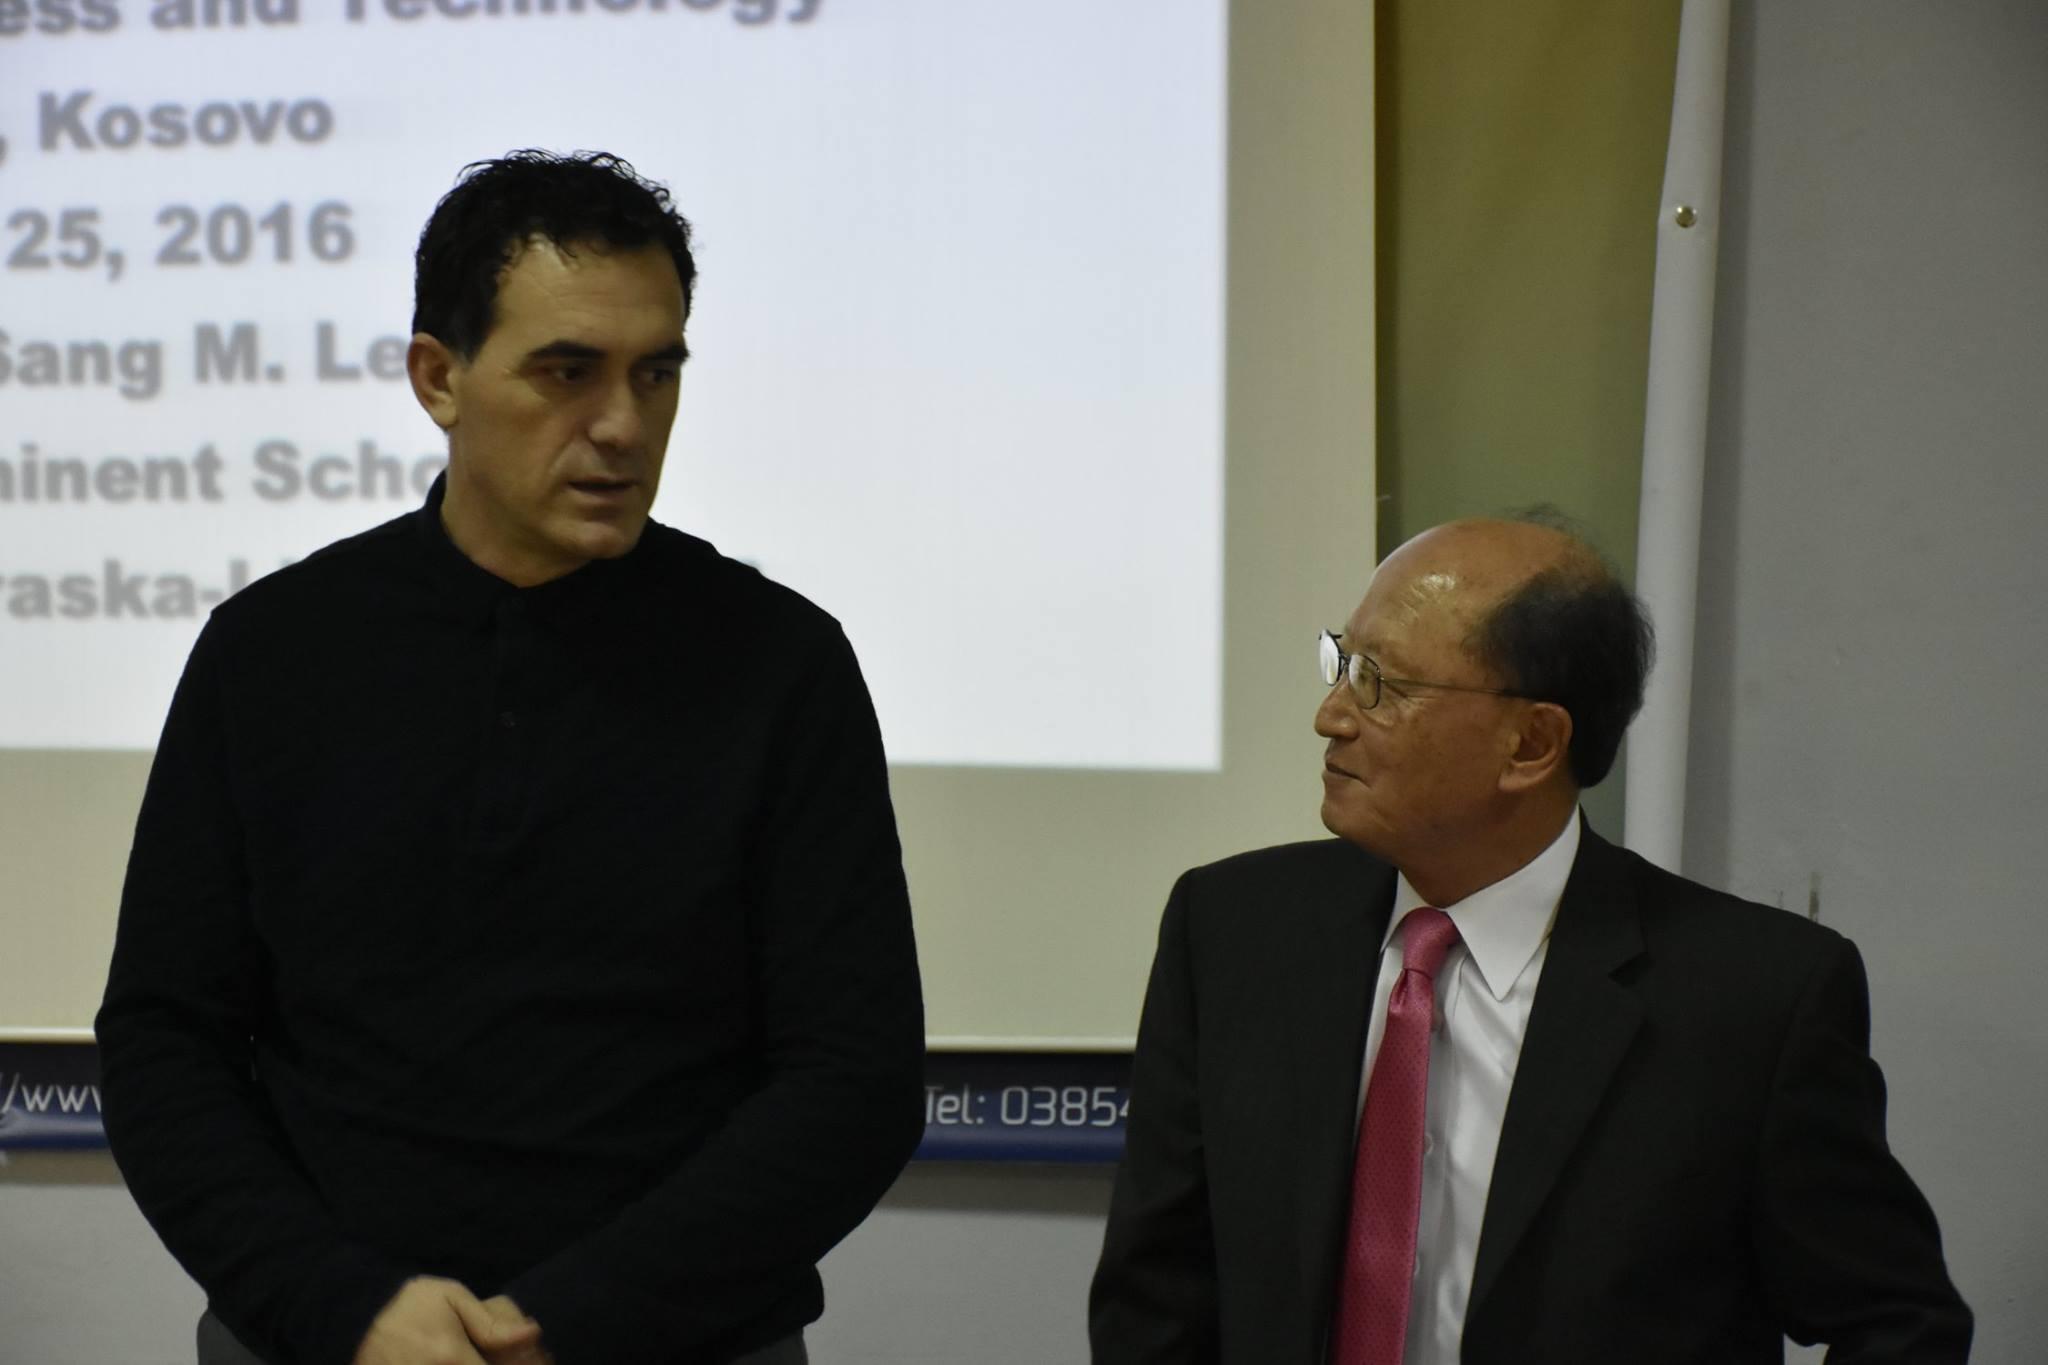 Autori i 70 librave, prof dr. Sang M. Lee, mbajti ligjëratë tematike në UBT